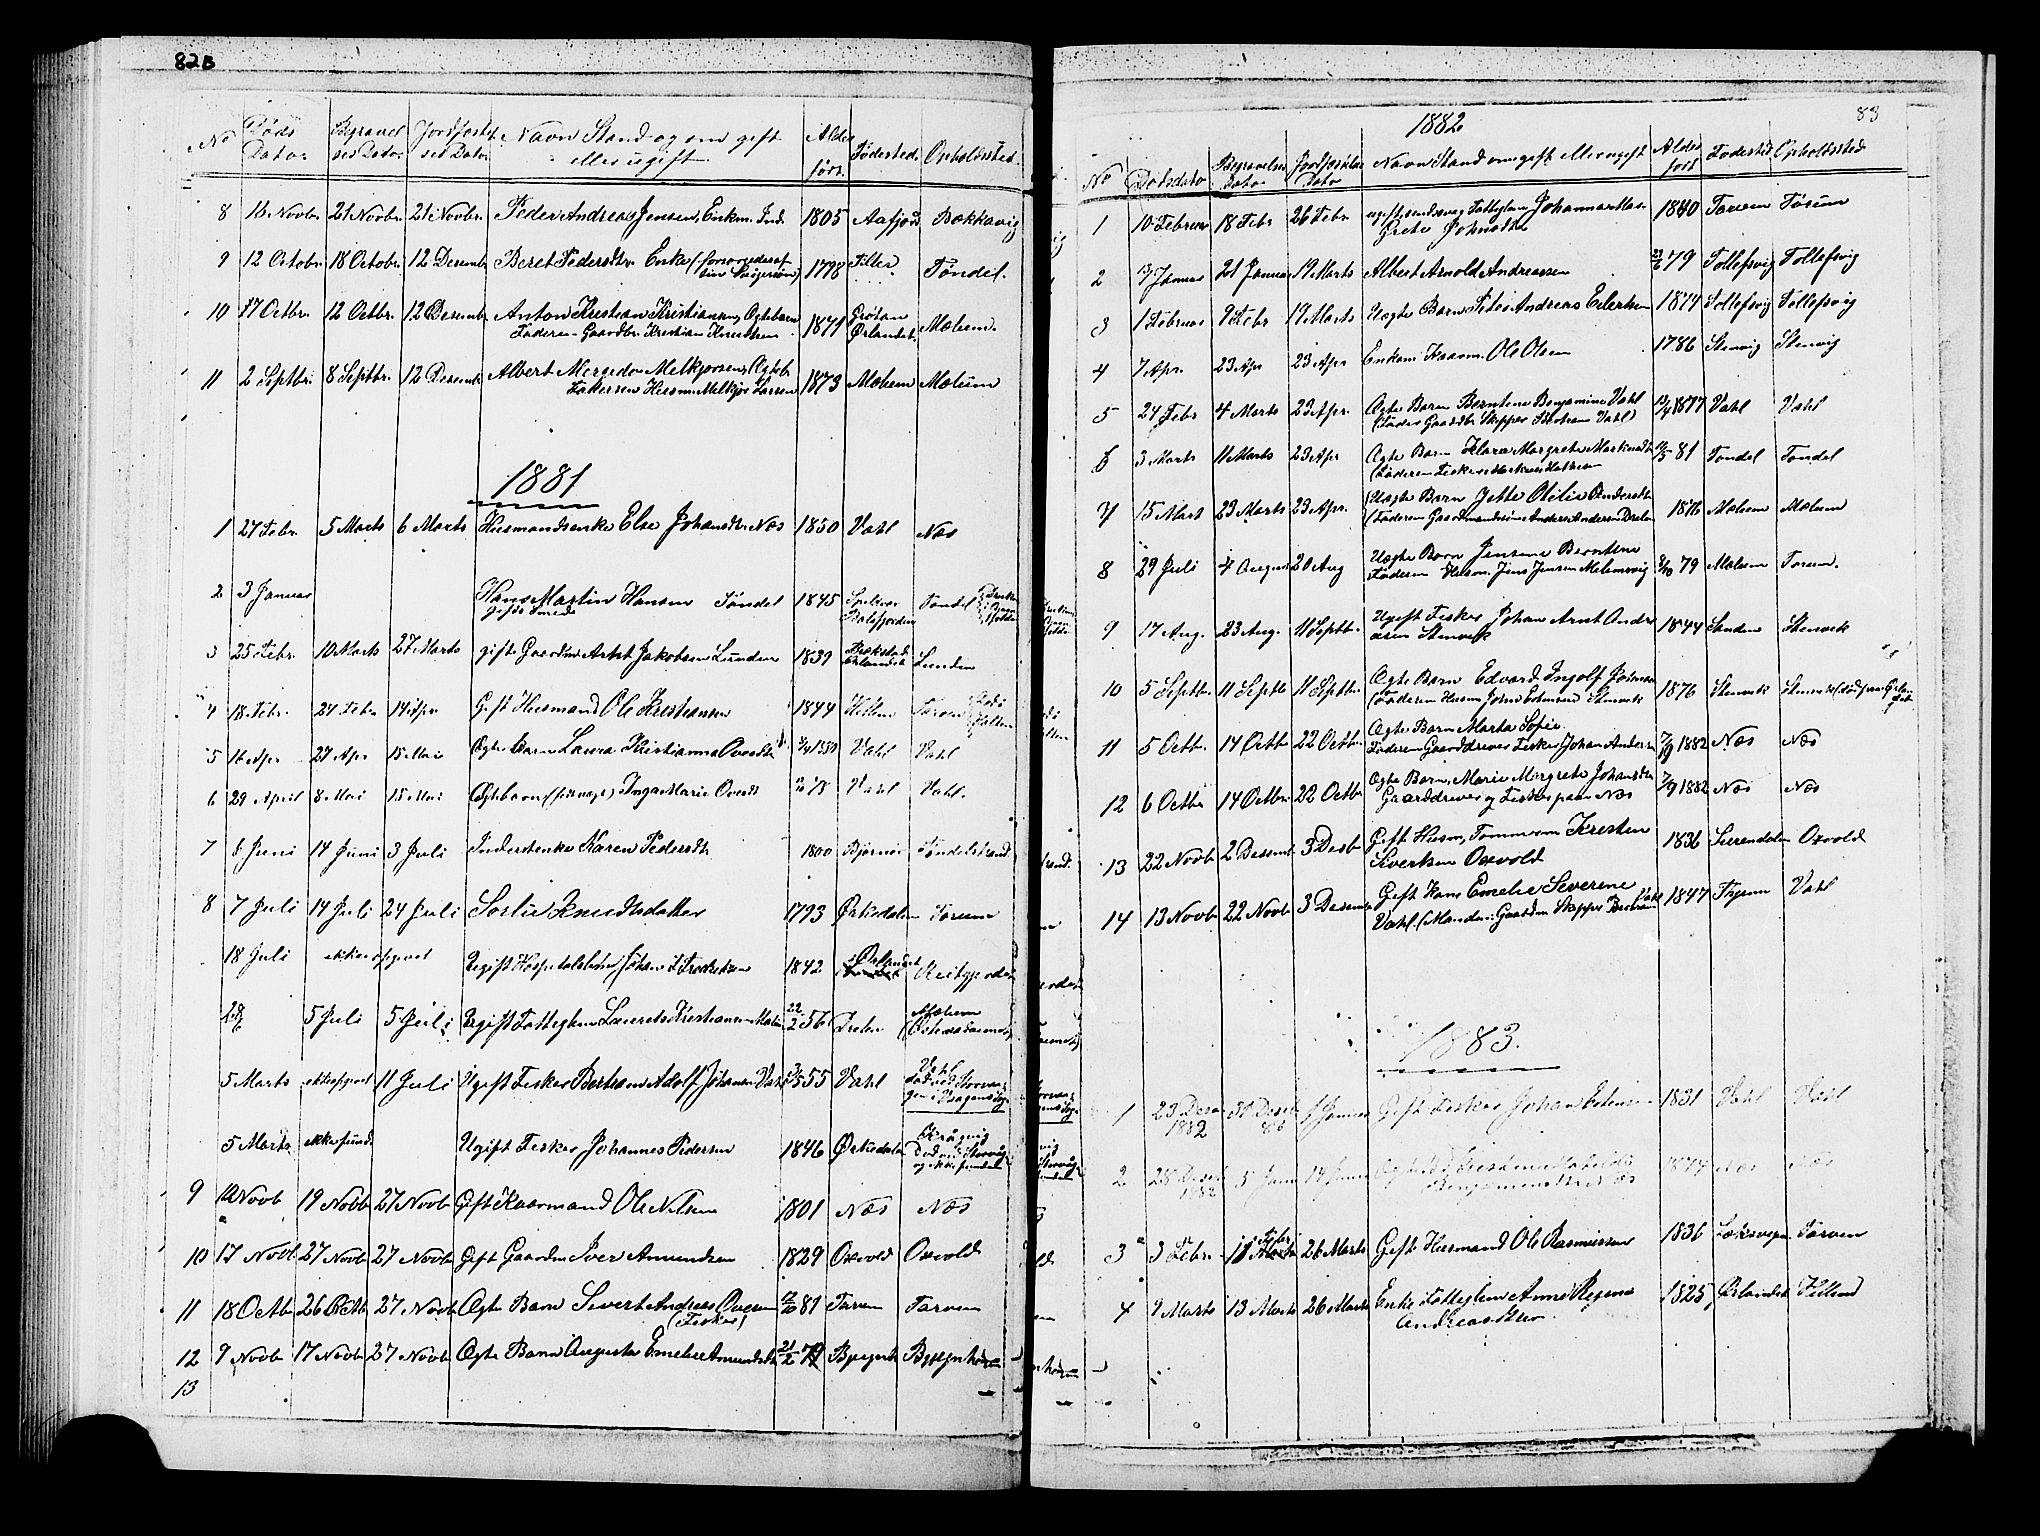 SAT, Ministerialprotokoller, klokkerbøker og fødselsregistre - Sør-Trøndelag, 652/L0653: Klokkerbok nr. 652C01, 1866-1910, s. 83